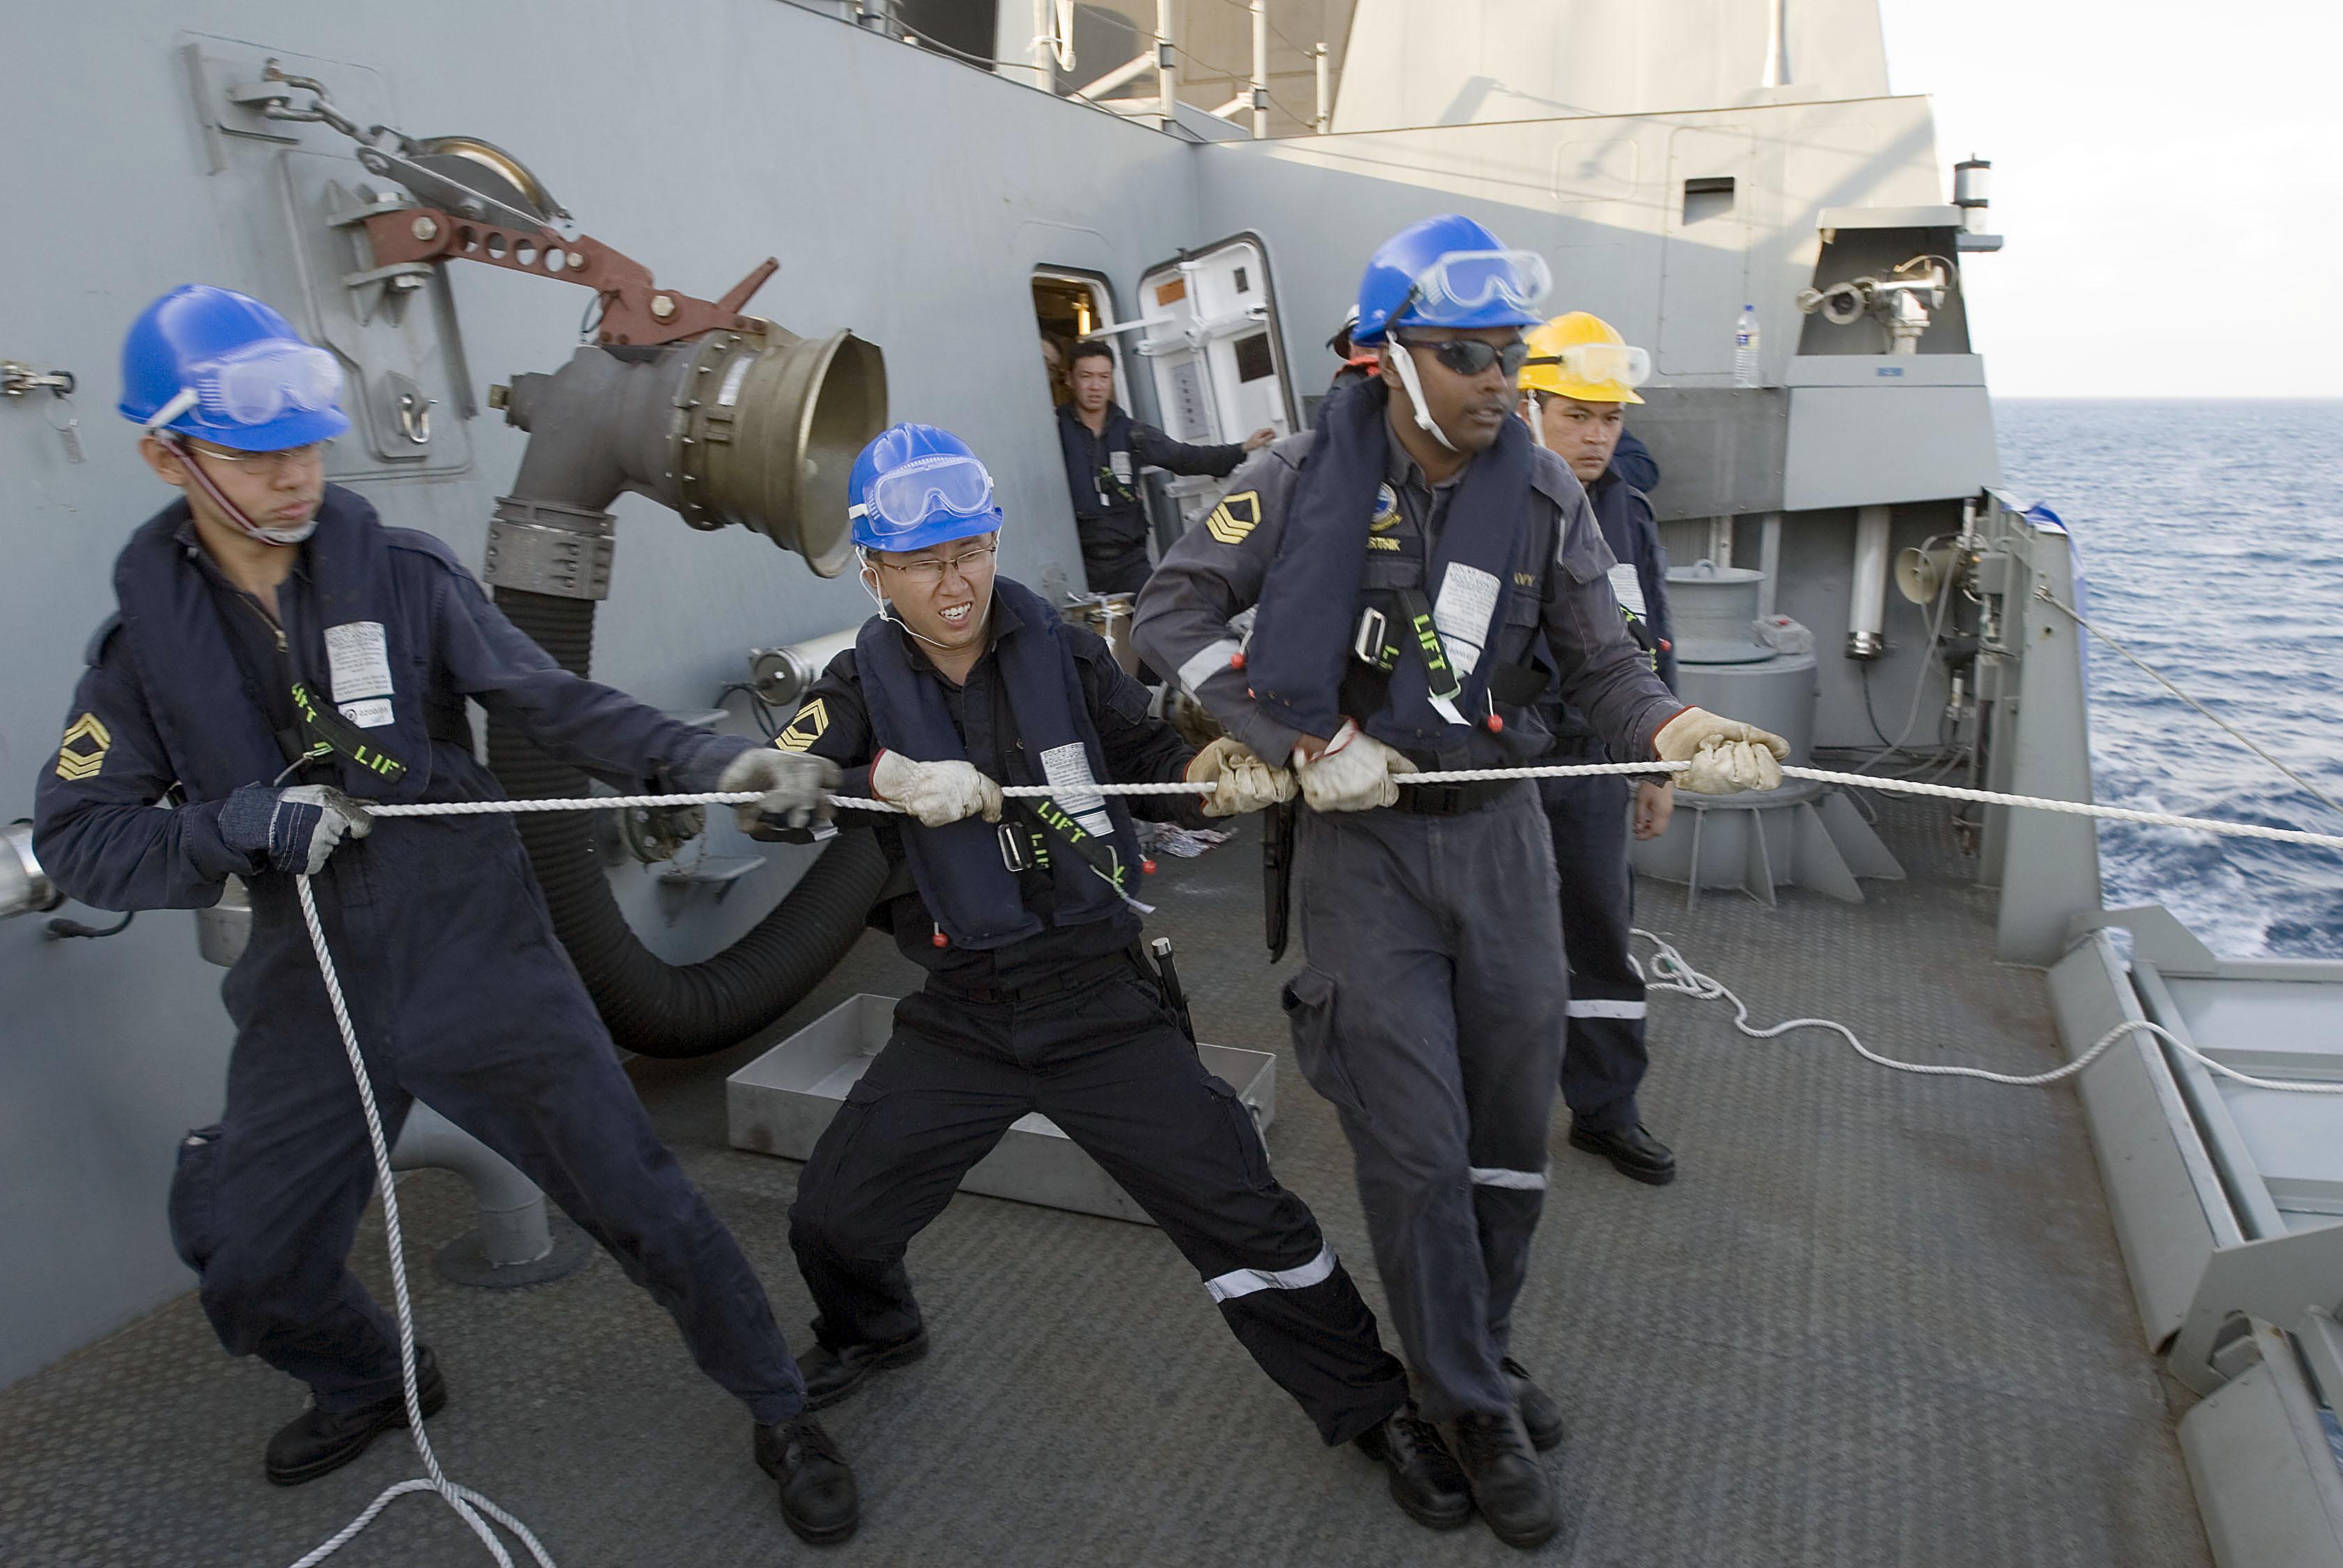 Kriegsmarine Crews - The Men of the Kriegsmarine U-boat ...